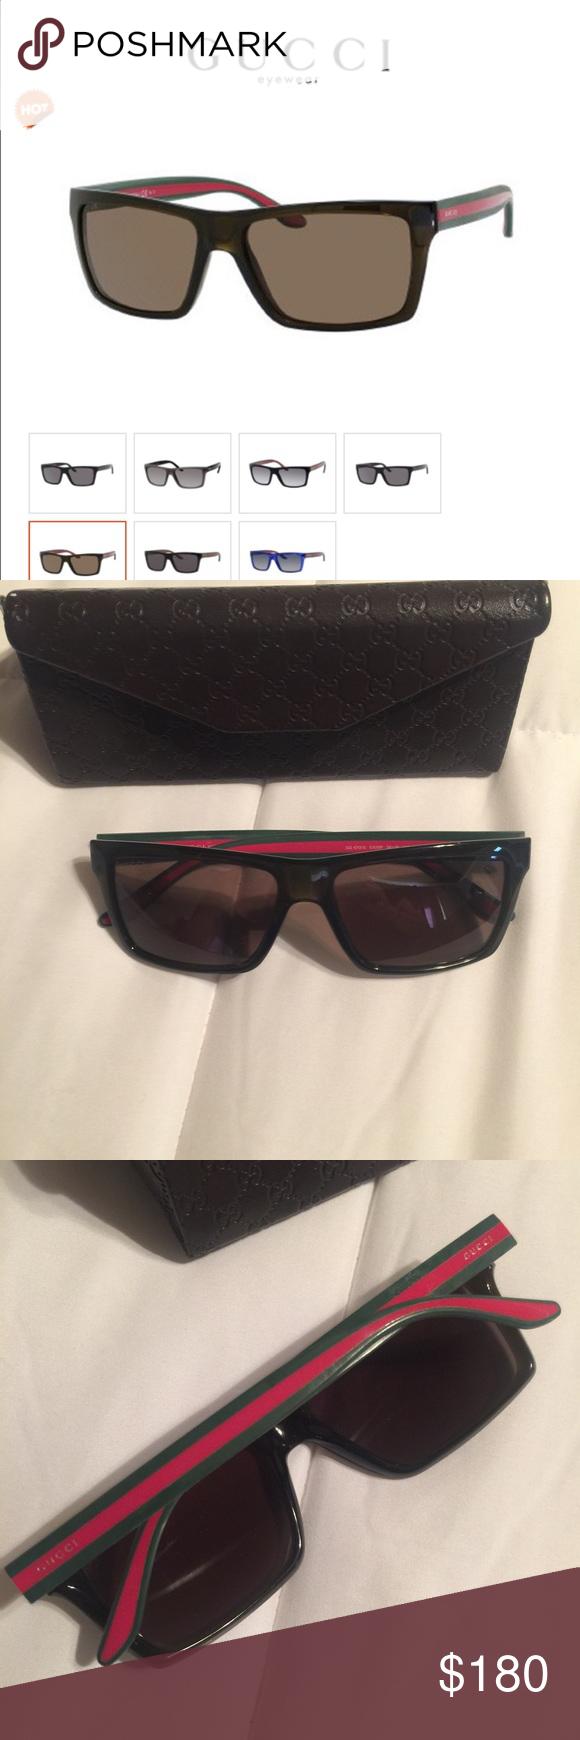 Gucci Sunglasses🎉🎉 Authentic brandnew Gucci sunglasses